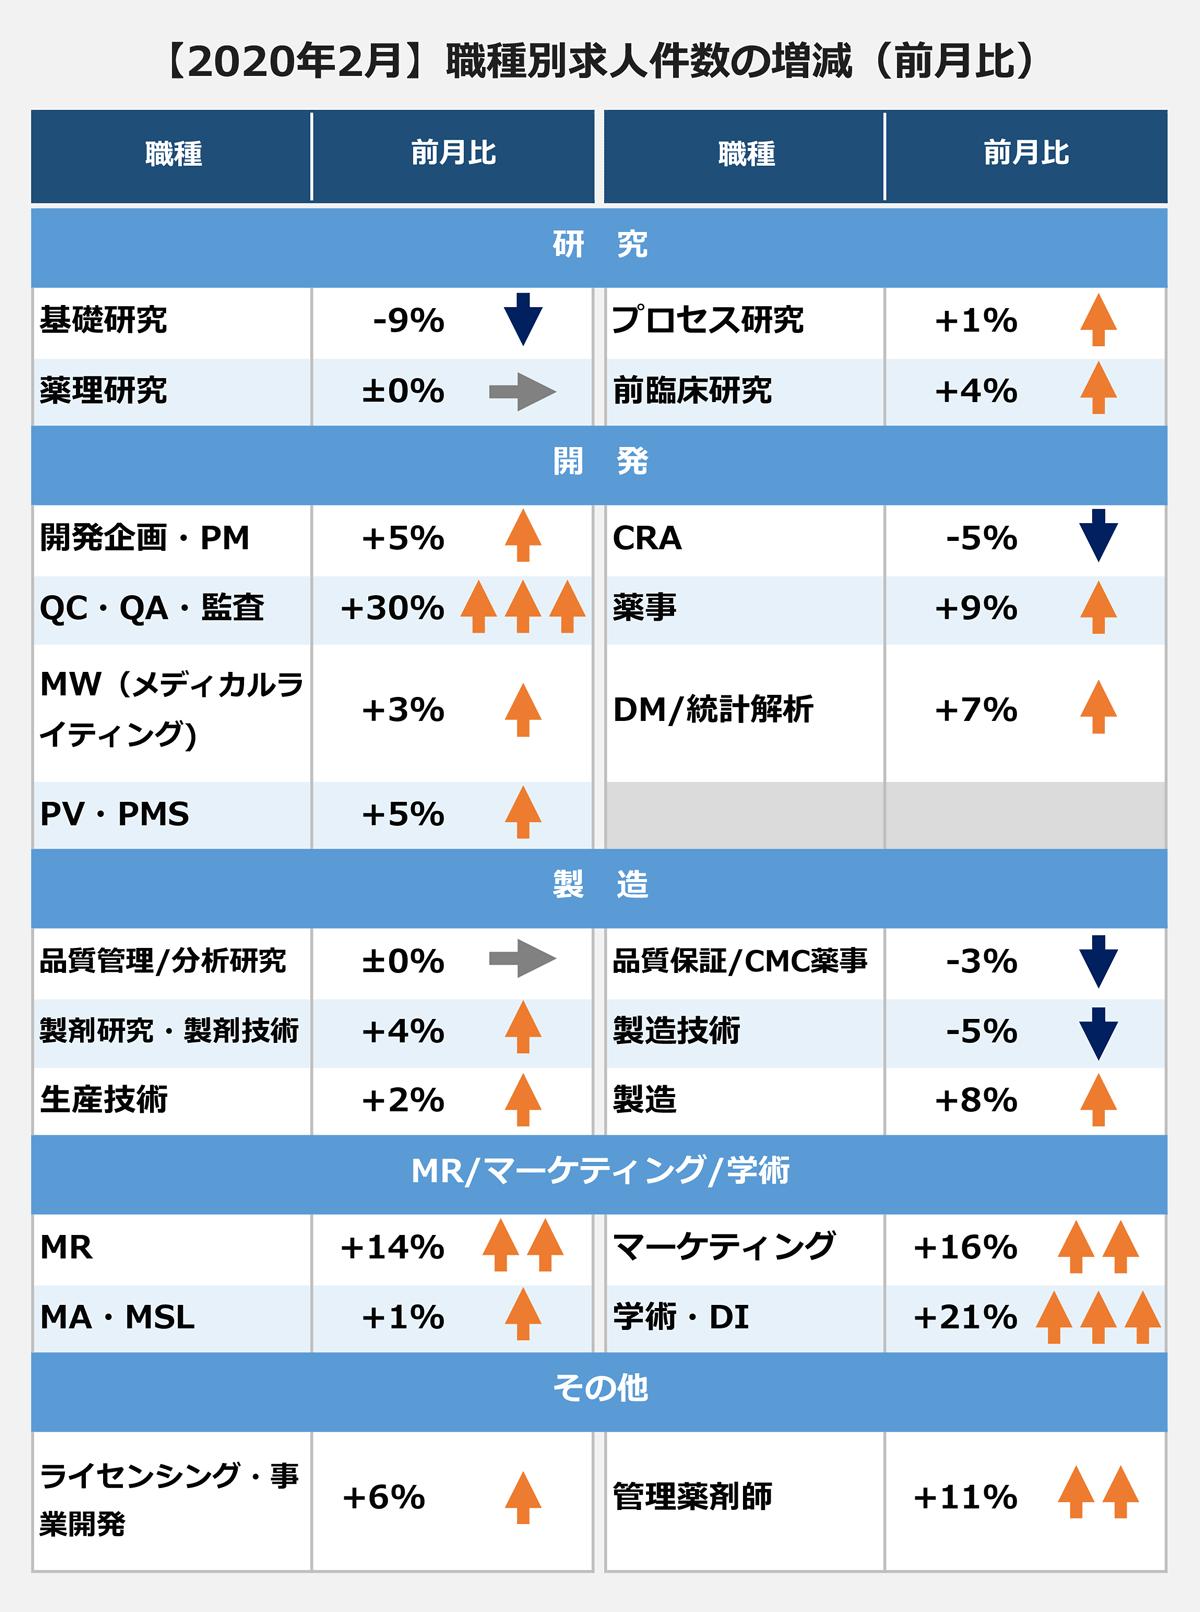 転職市場  【2020年2月】職種別求人件数の増減(前月比)(職種/前月比): <研究> 基礎研究/-9%|薬理研究/±0%|プロセス研究/+1%|前臨床研究/+4% <開発> 開発企画・PM/+5%|QC・QA・監査/+30%|MW(メディカルライティング)/+3%|PV・PMS/+5%|CRA/-5%|薬事/+9%|DM/統計解析/+7%| <製造> 品質管理/分析研究/±0%|製剤研究・製剤技術/+4%|生産技術/+2%|品質保証/CMC薬事/-3%|製造技術/-5%|製造/+8%| <MR/マーケティング/学術> MR/+14%|MA・MSL/+1%|マーケティング/+16%|学術・DI/+21% <その他> ライセンシング・事業開発/+6%|管理薬剤師/+11%